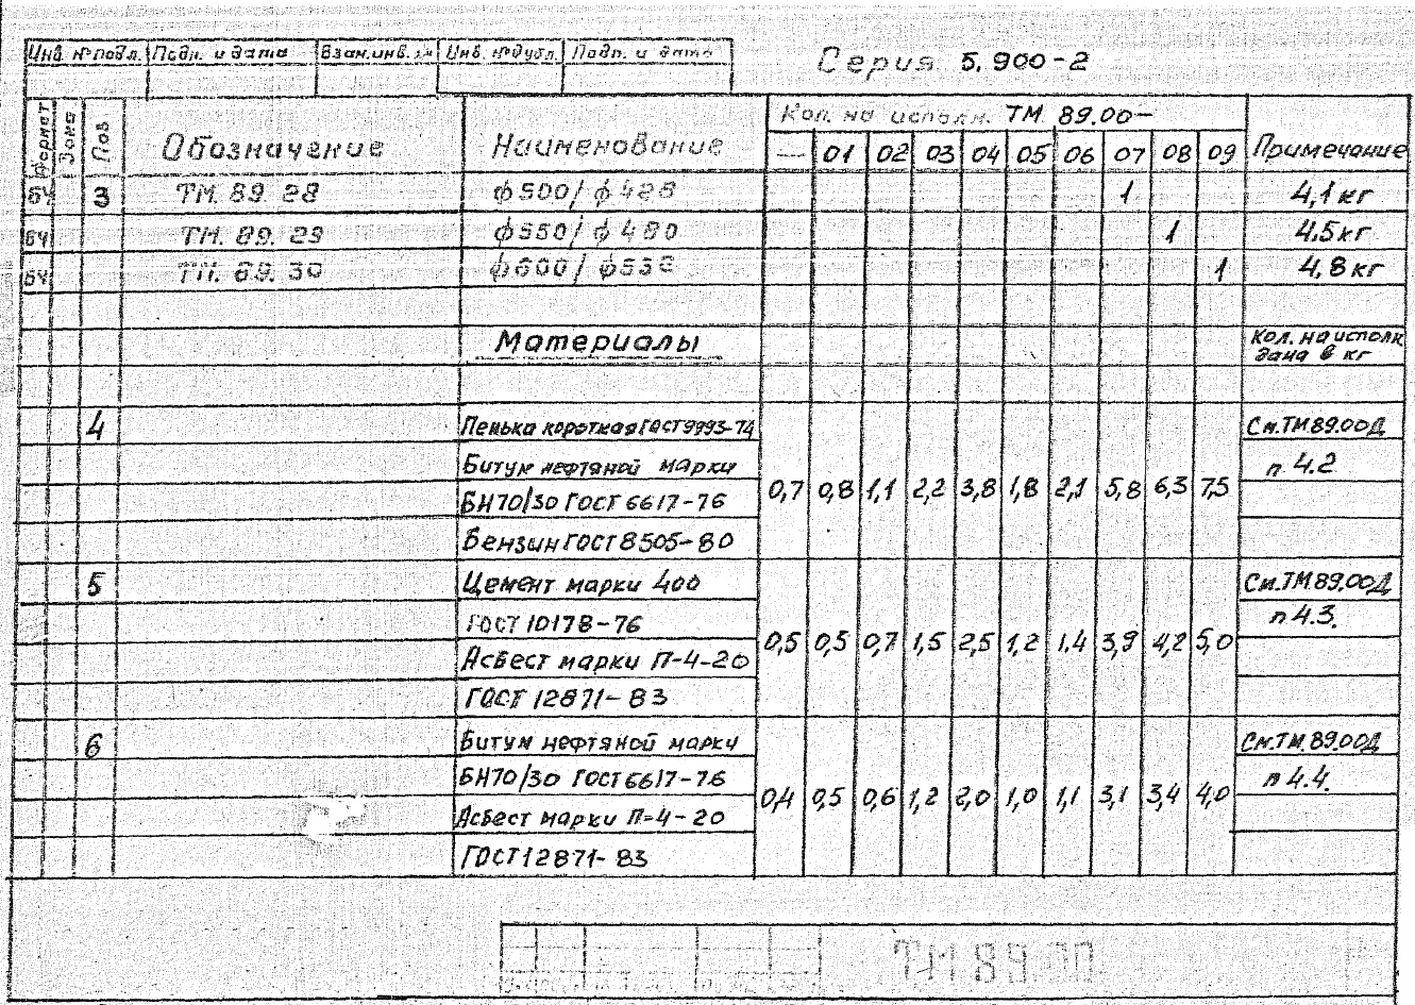 Сальники набивные ТМ.89.00 серия 5.900-2 стр.5